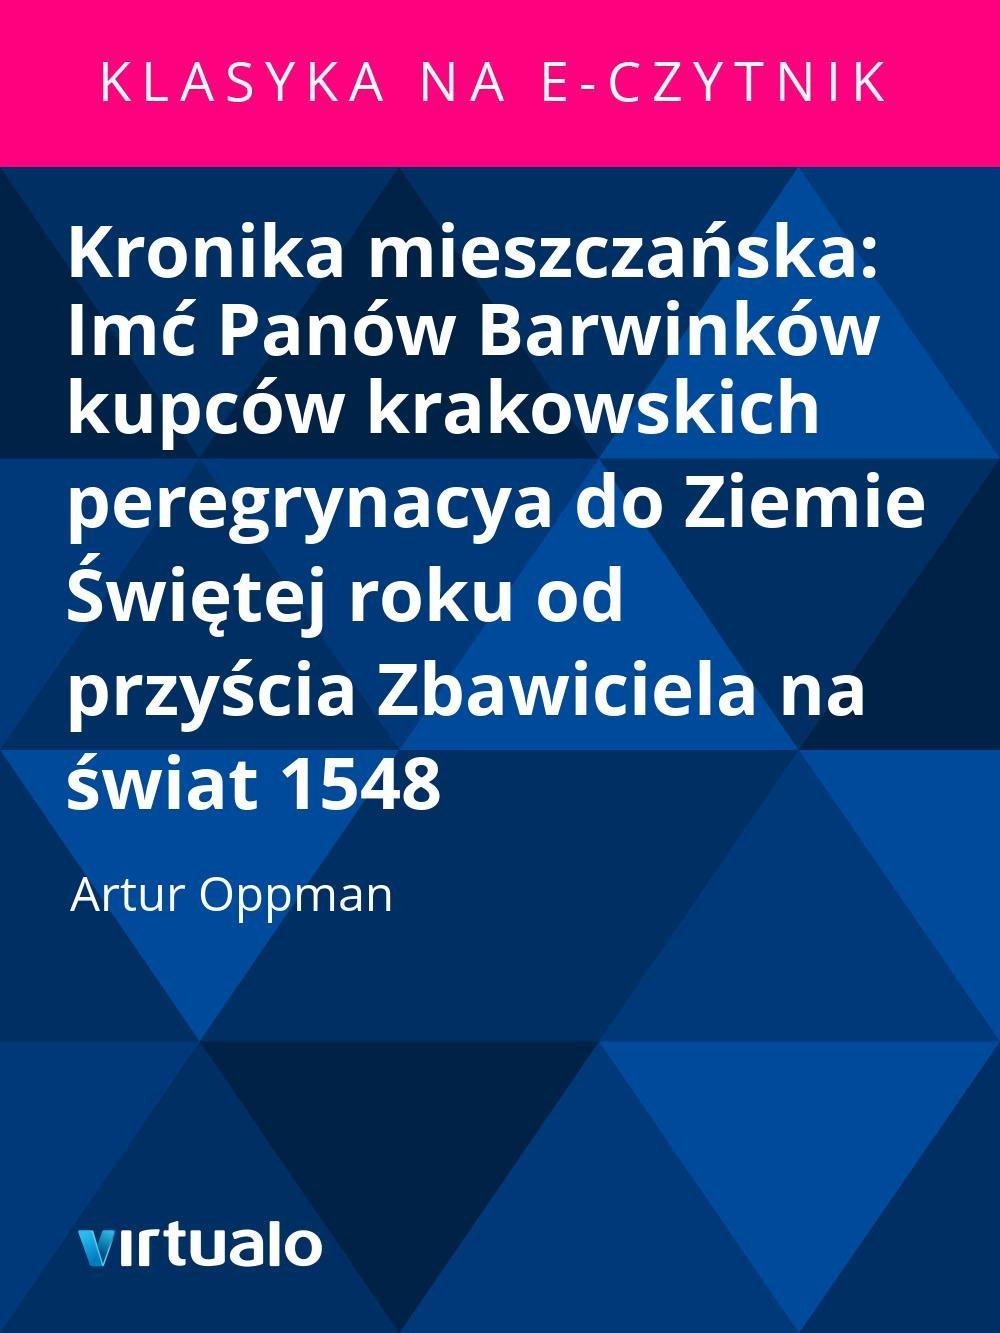 Kronika mieszczańska: Imć Panów Barwinków kupców krakowskich peregrynacya do Ziemie Świętej roku od przyścia Zbawiciela na świat 1548 - Ebook (Książka EPUB) do pobrania w formacie EPUB